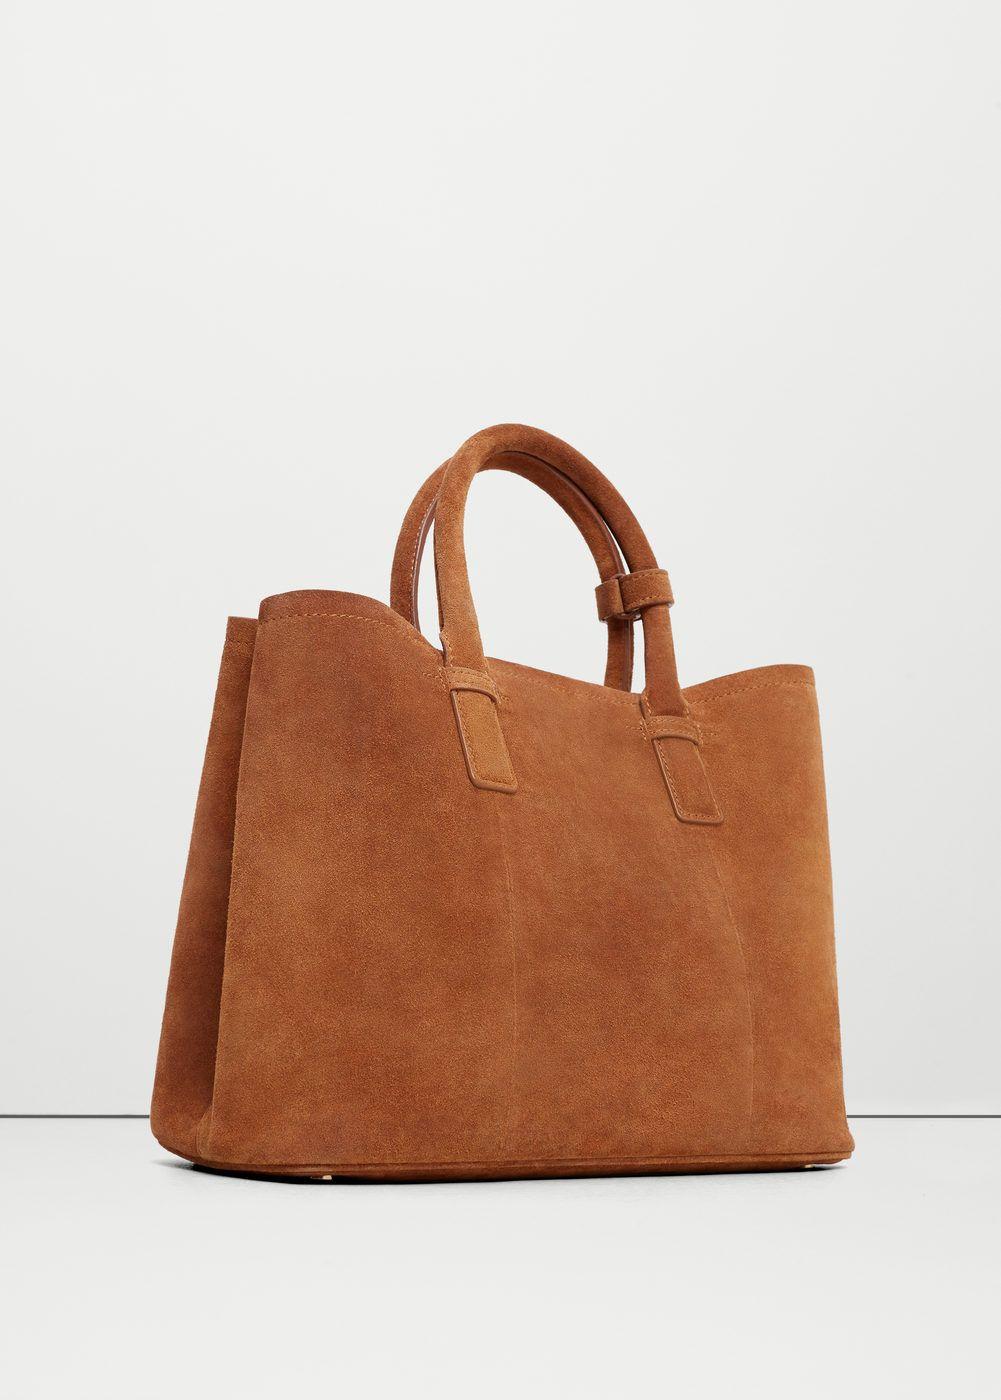 Sac Bag Cuir En Marron Women 2019Bags Leather Shopper vNO0wm8n